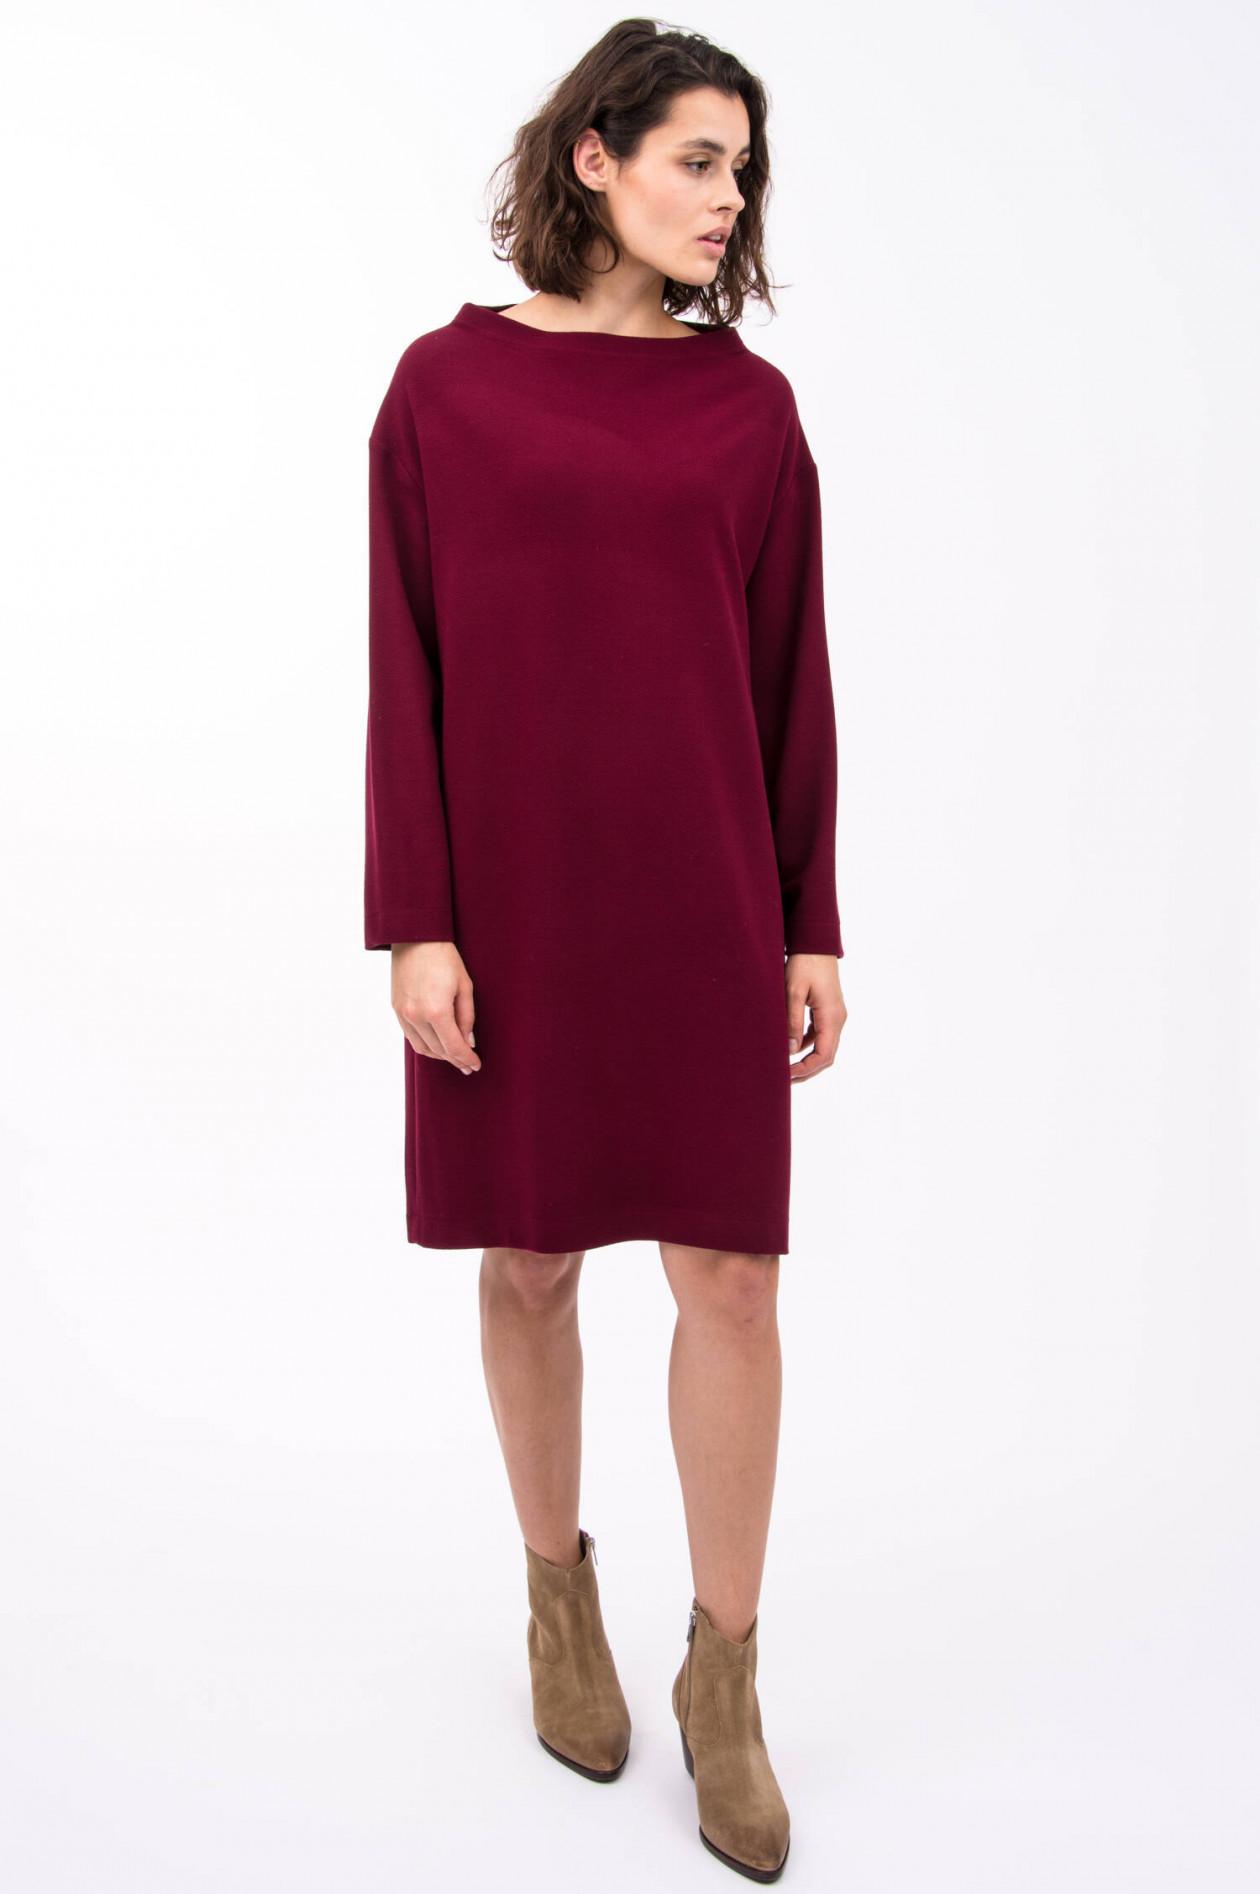 Harris Wharf London Kleid Mit U Boot Ausschnitt In Weinrot Gruener At